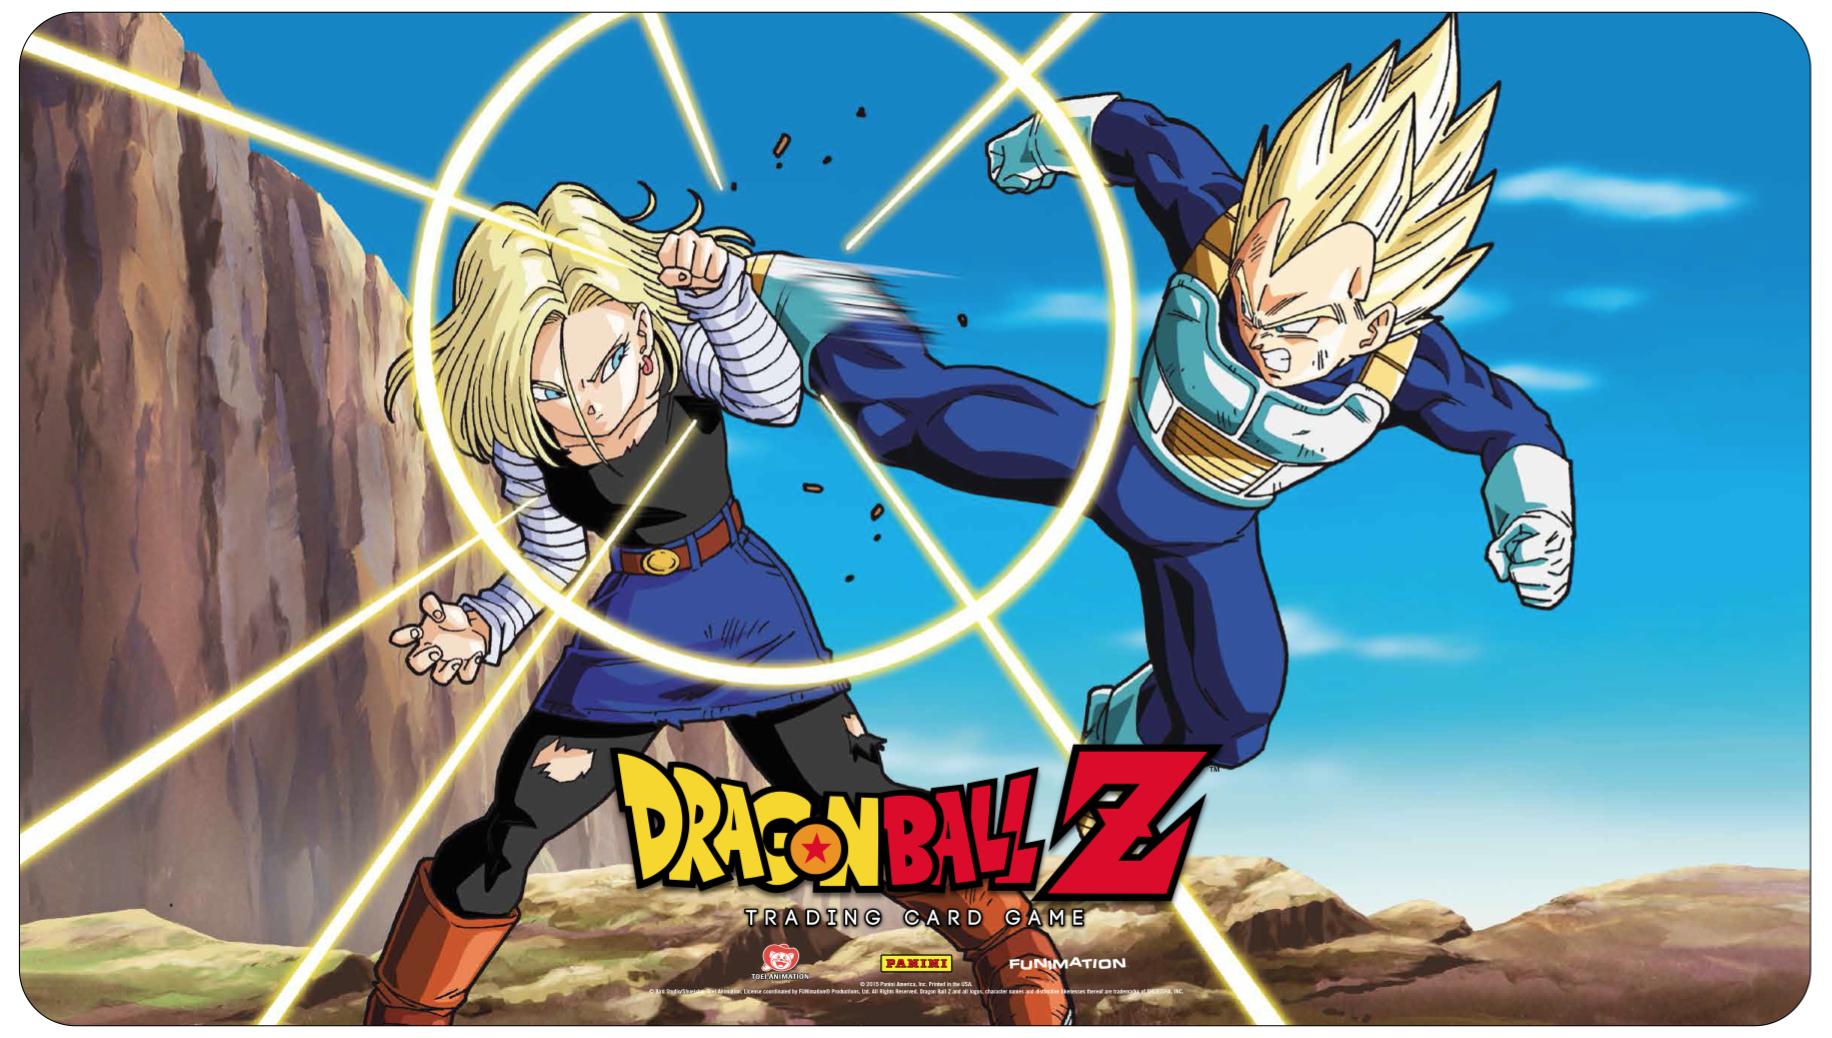 Dragon Ball Z: Evolution Launch Kit Details